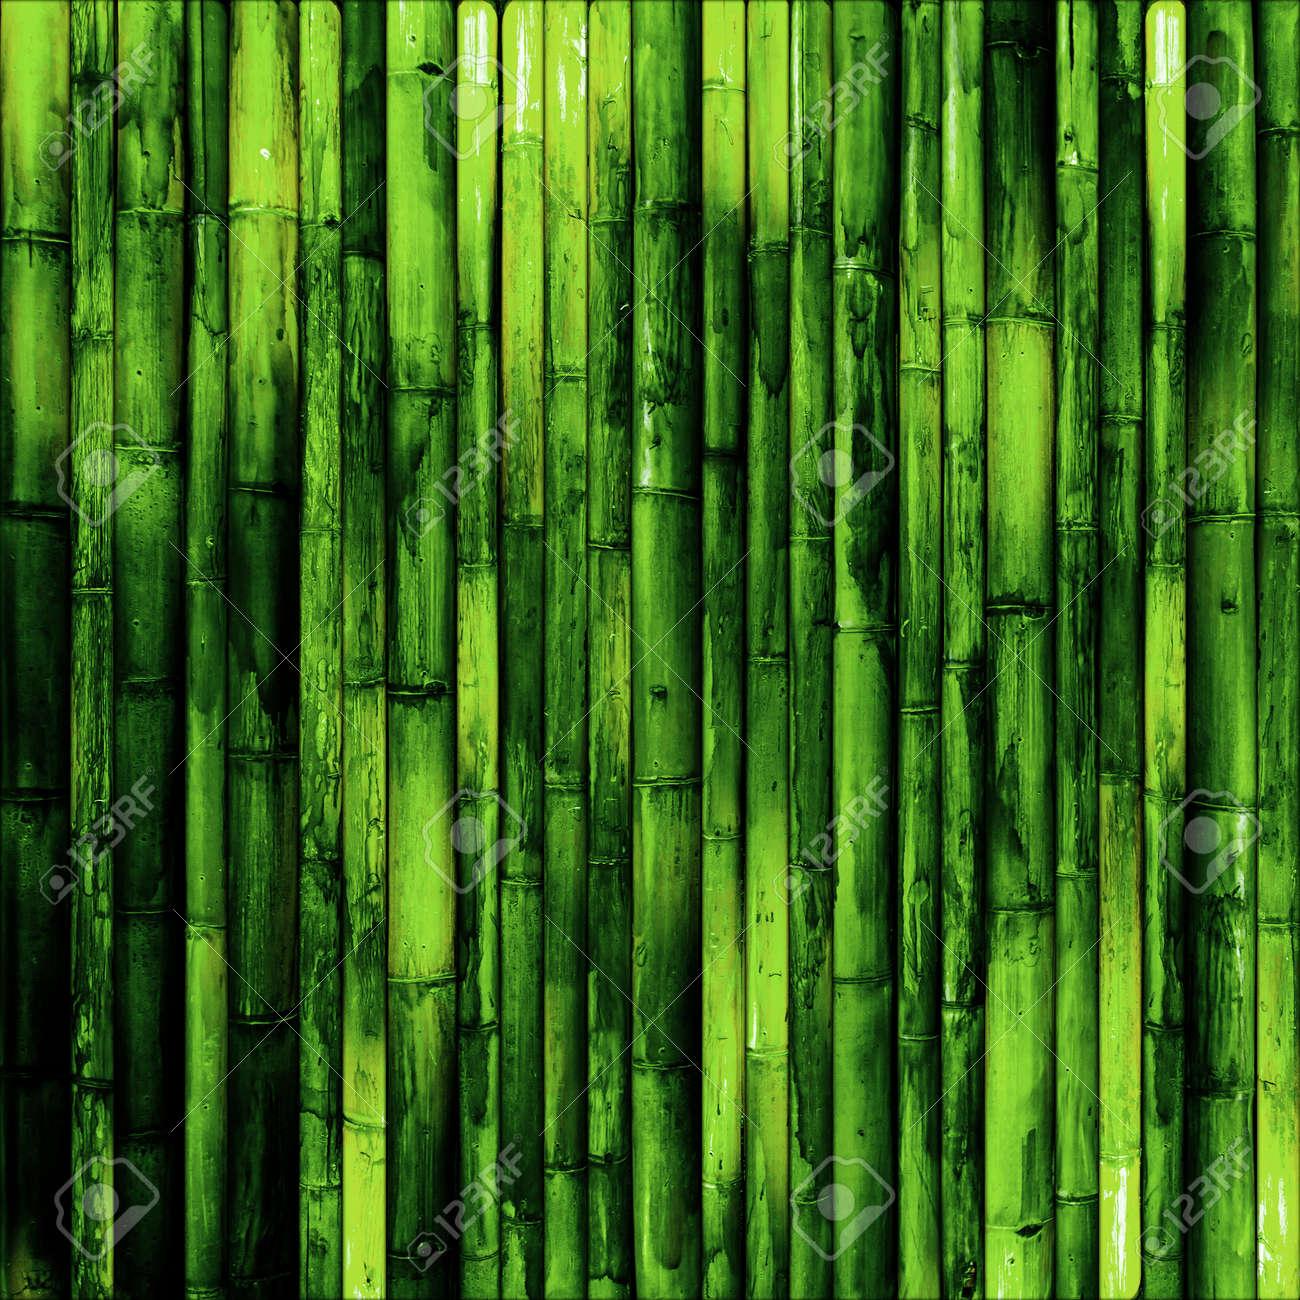 Immagini Stock Muro Di Bambù Sfondo Verde Natura Image 42184086